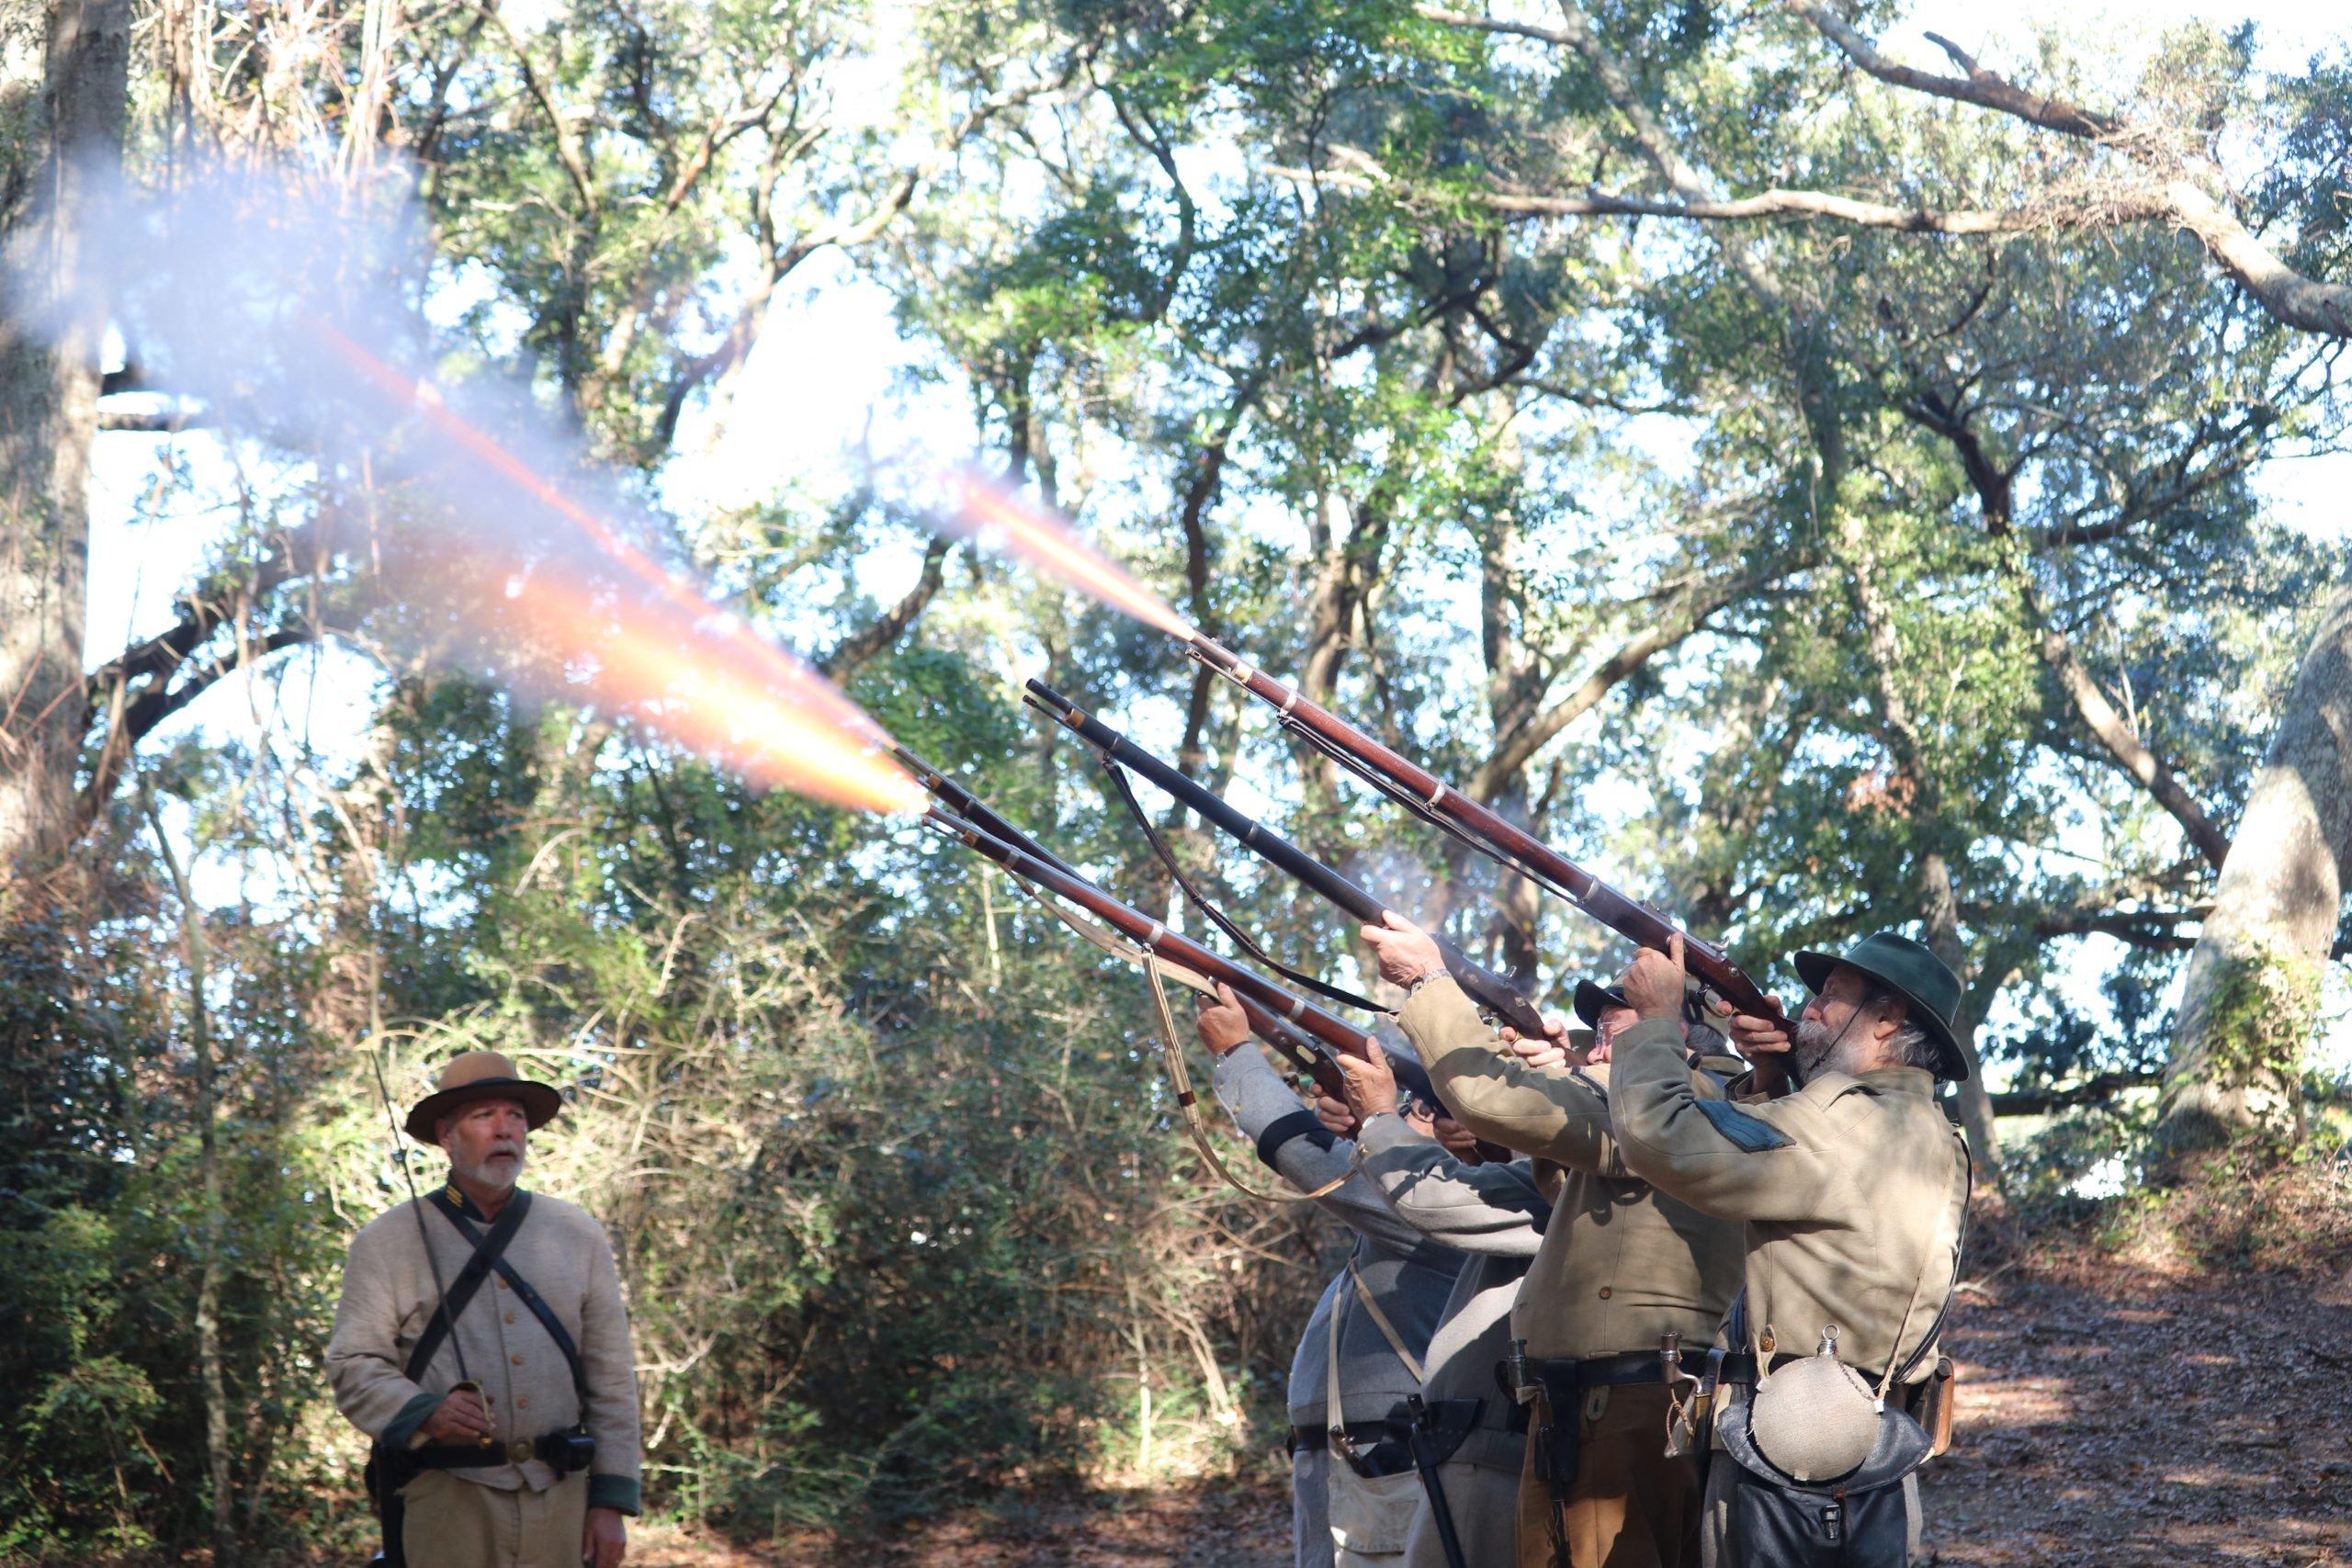 Battle of Secessionville Re-Enactment 5